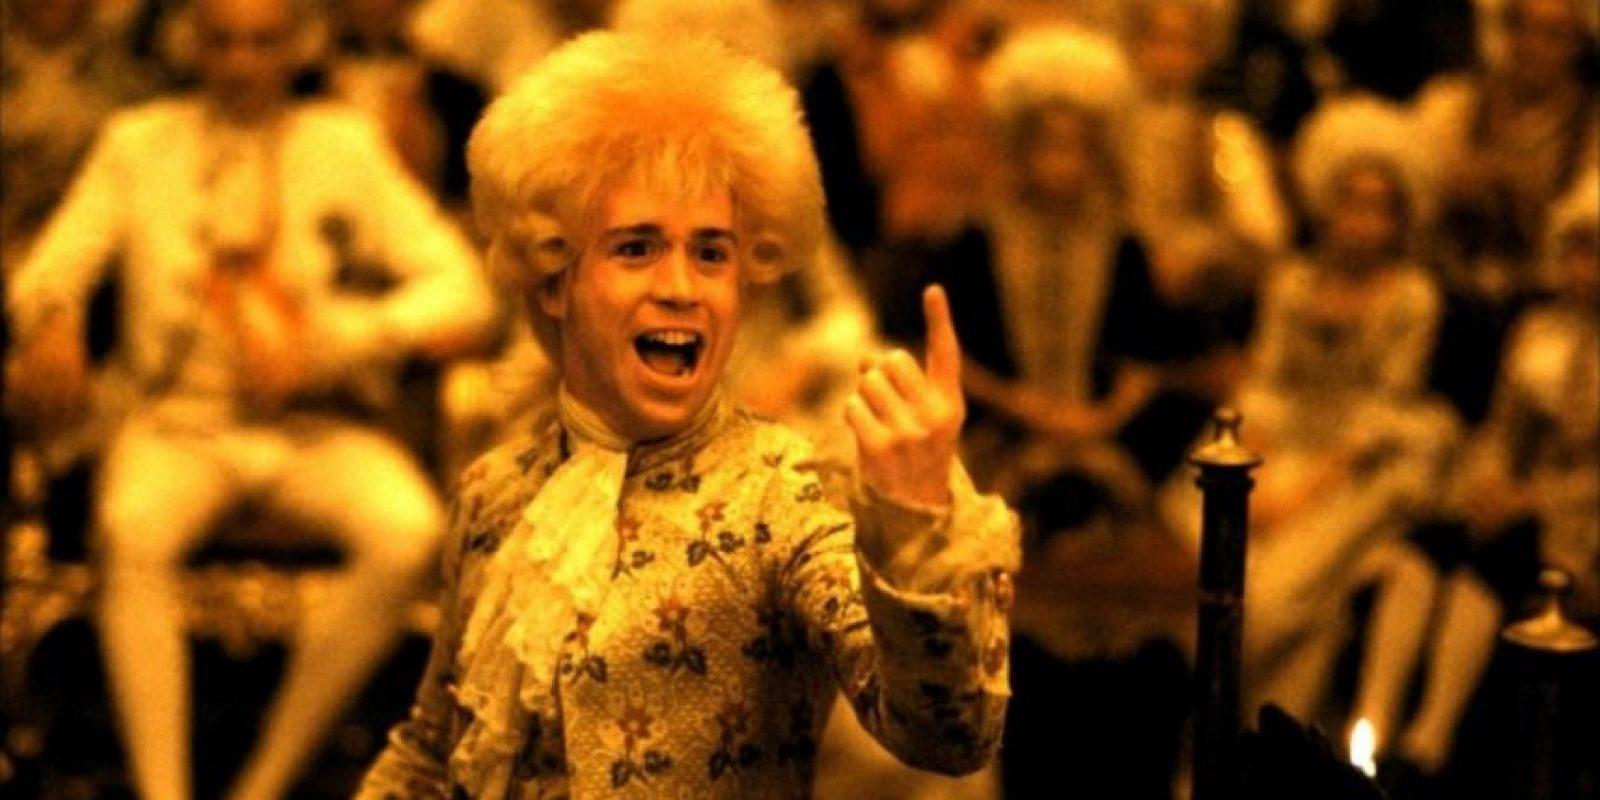 """""""Amadeus"""" es una película estadounidense categorizada como una película de culto de 1984. Arrasó la entrega de ese año al ganar 8 premios Óscar. Foto: AMLF, The Saul Zaentz Company"""